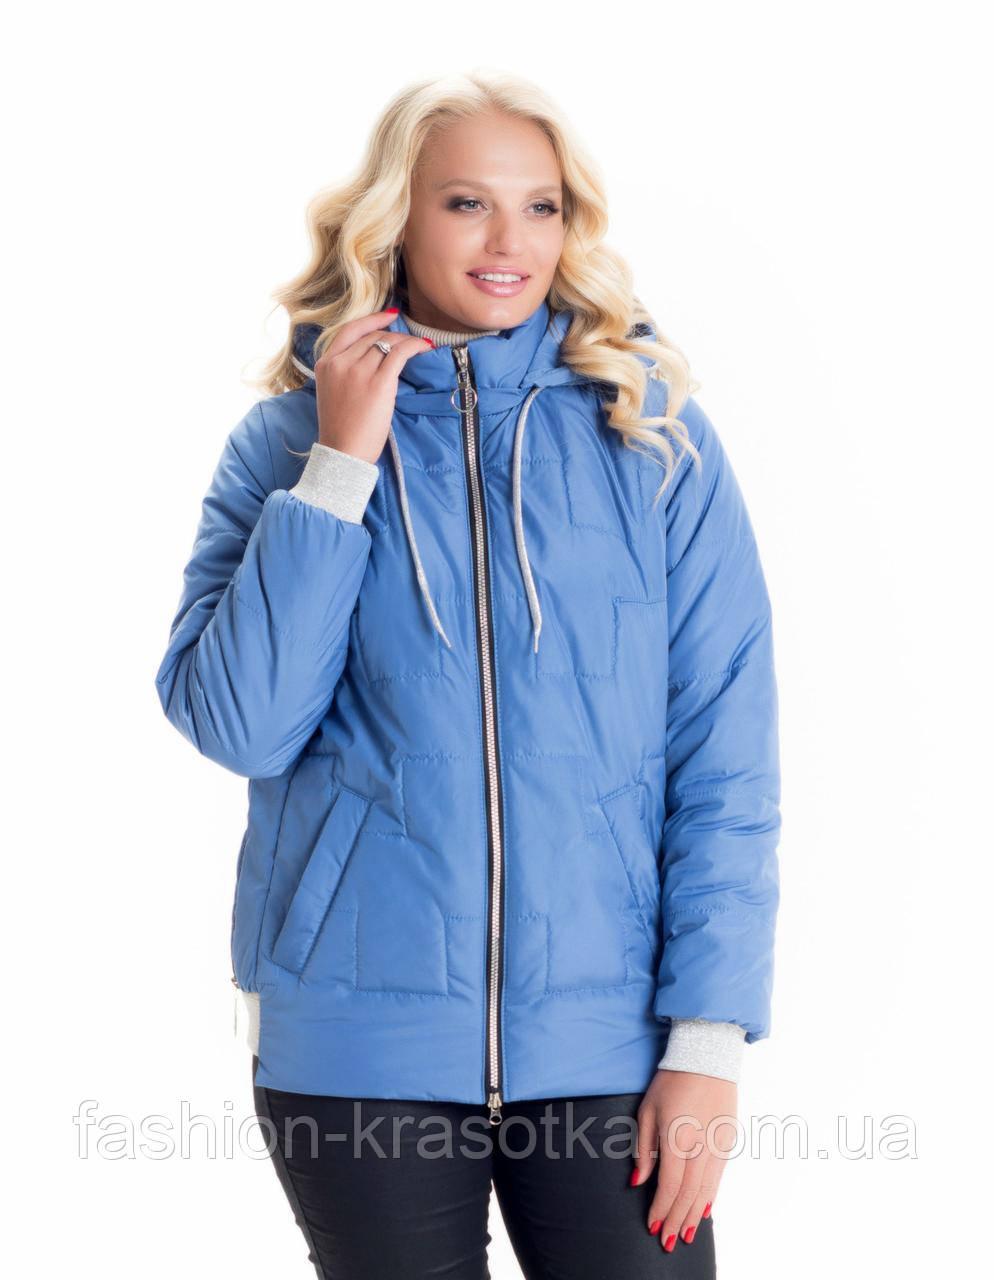 Демисезонная женская куртка,размеры 44-58.